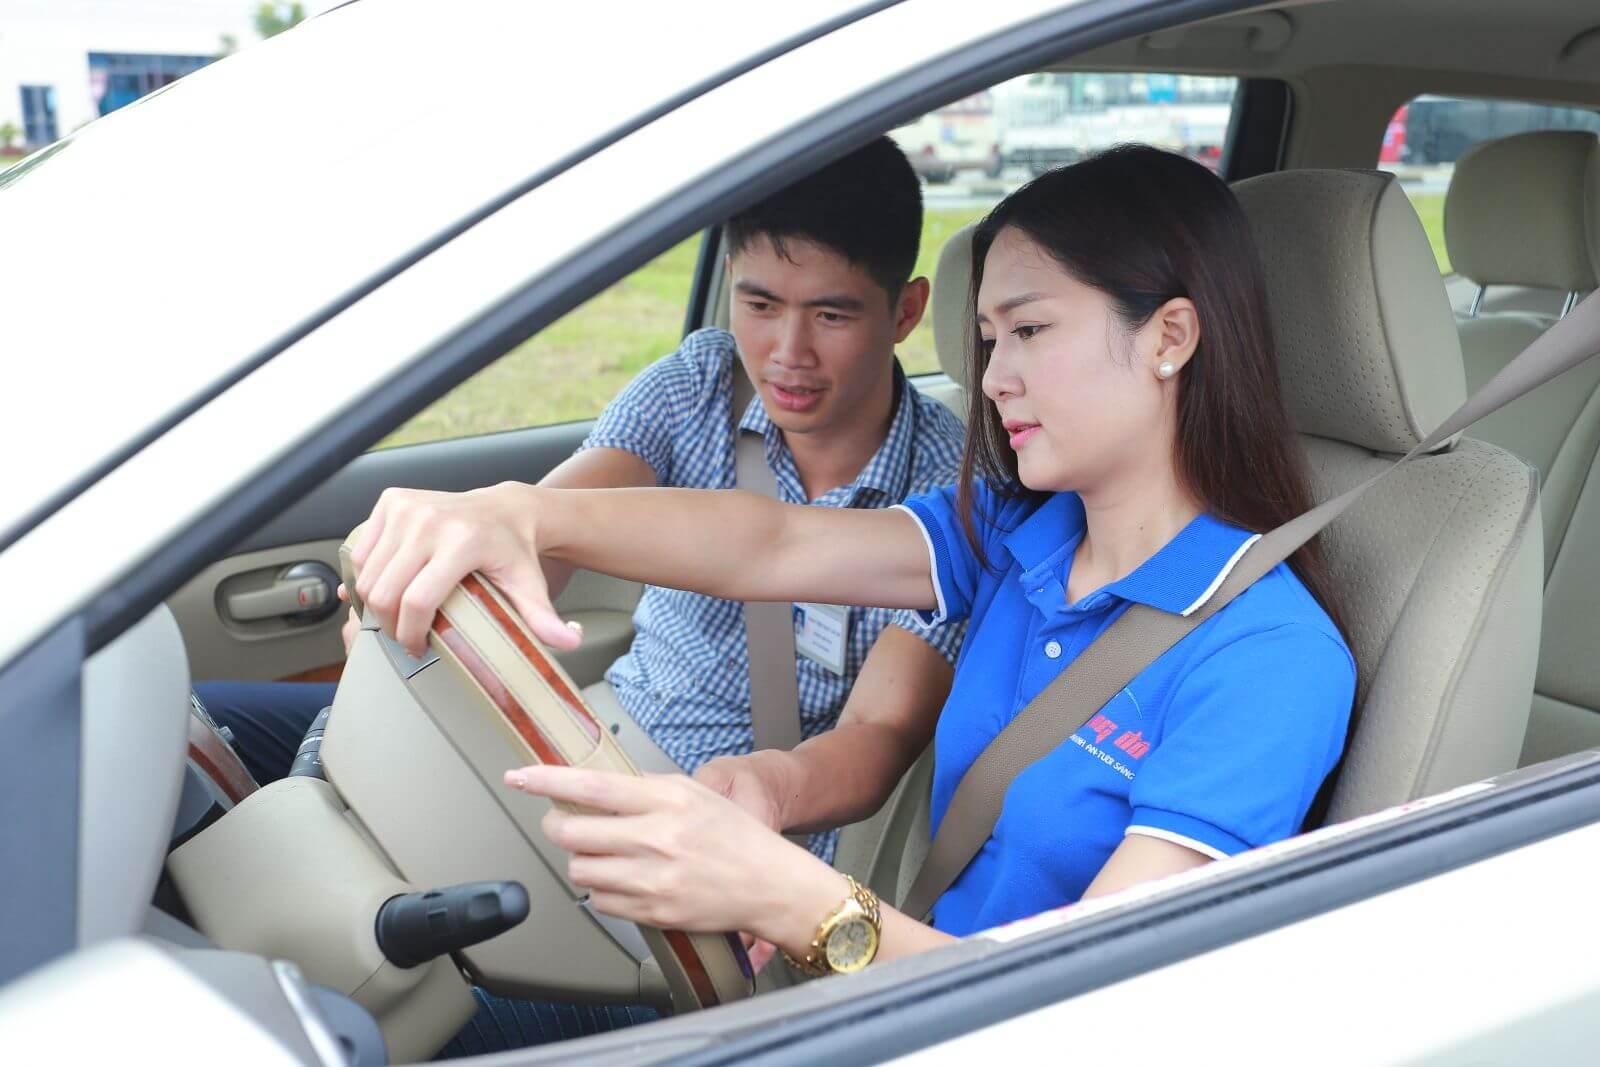 Thuê xe bổ túc tay lái số tự động